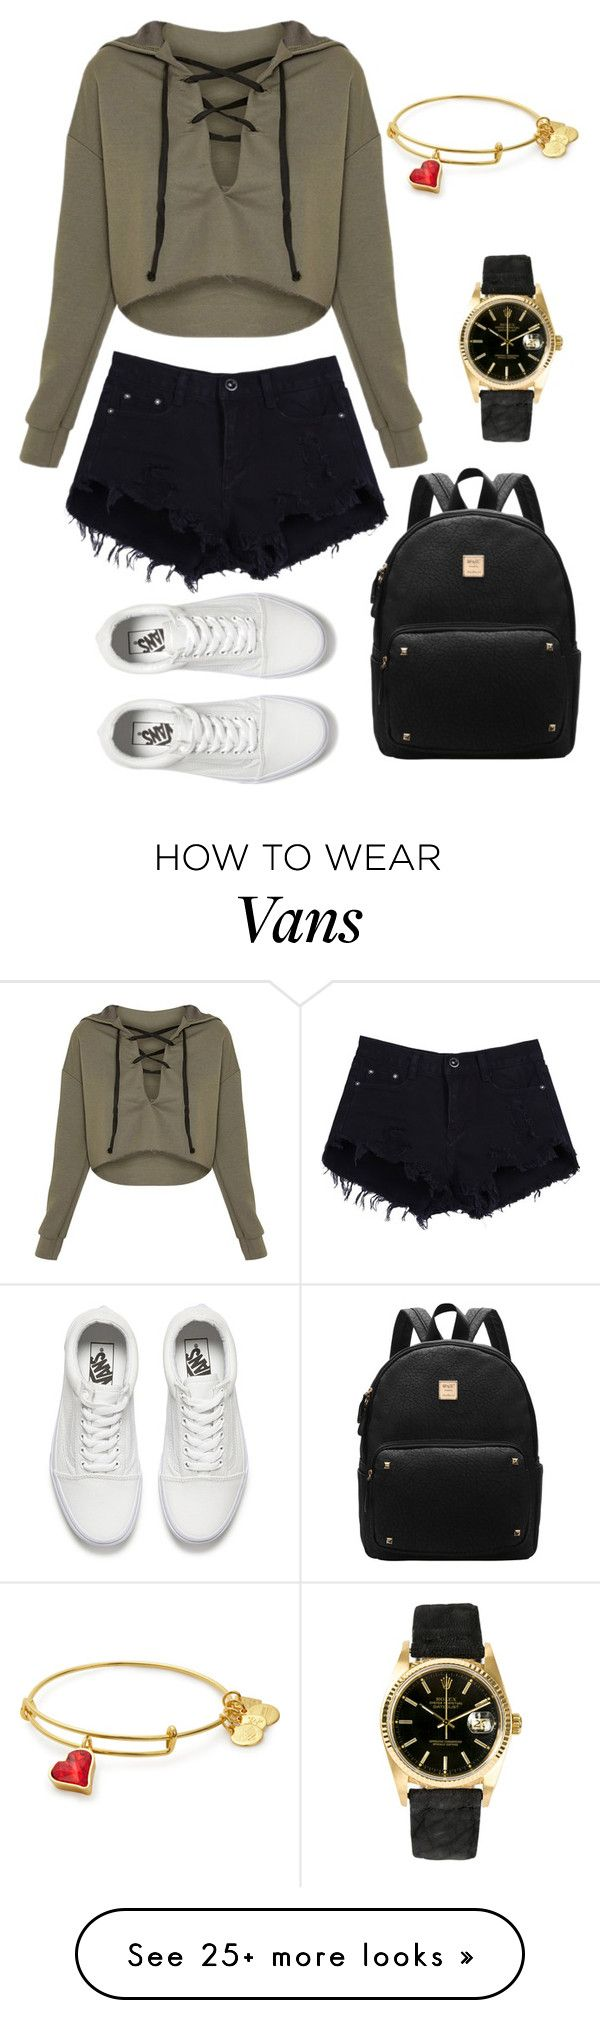 Crop top negro, shorts blanco u no , zapatillas blancas, pulsera dorada...